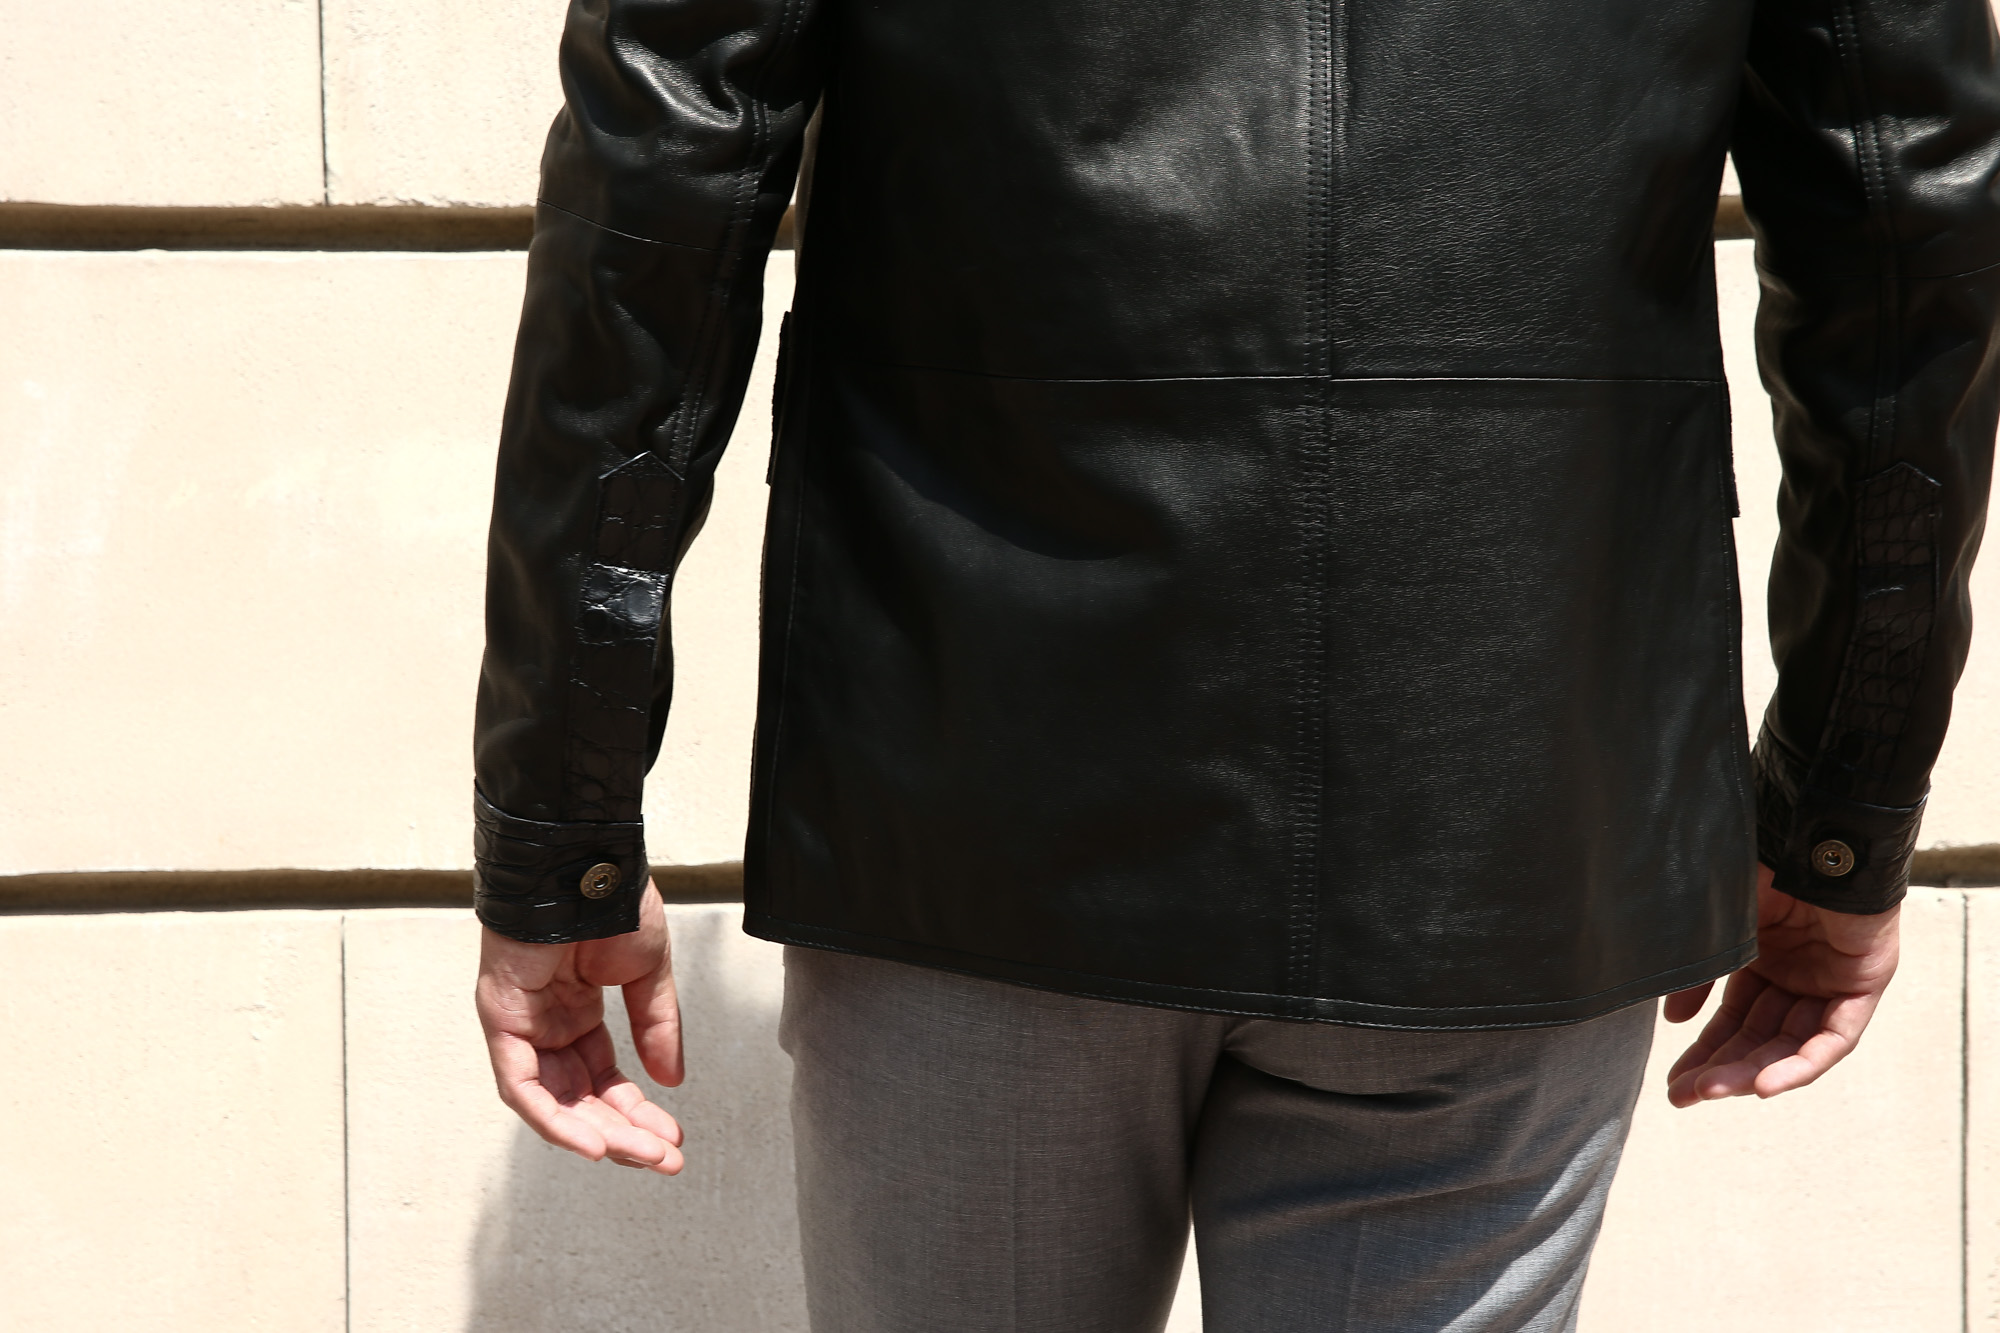 EMMETI (エンメティ) JAXON COCCODRILLO (ジャクソン コッコドリッロ) Lambskin Nappa Leather × Crocodile Leather ラムナッパレザー × クロコダイルレザー ジャケット NERO (ブラック・190/1) Made in italy (イタリア製) 2018 秋冬 emmeti エンメティ 愛知 名古屋 Alto e Diritto アルト エ デリット